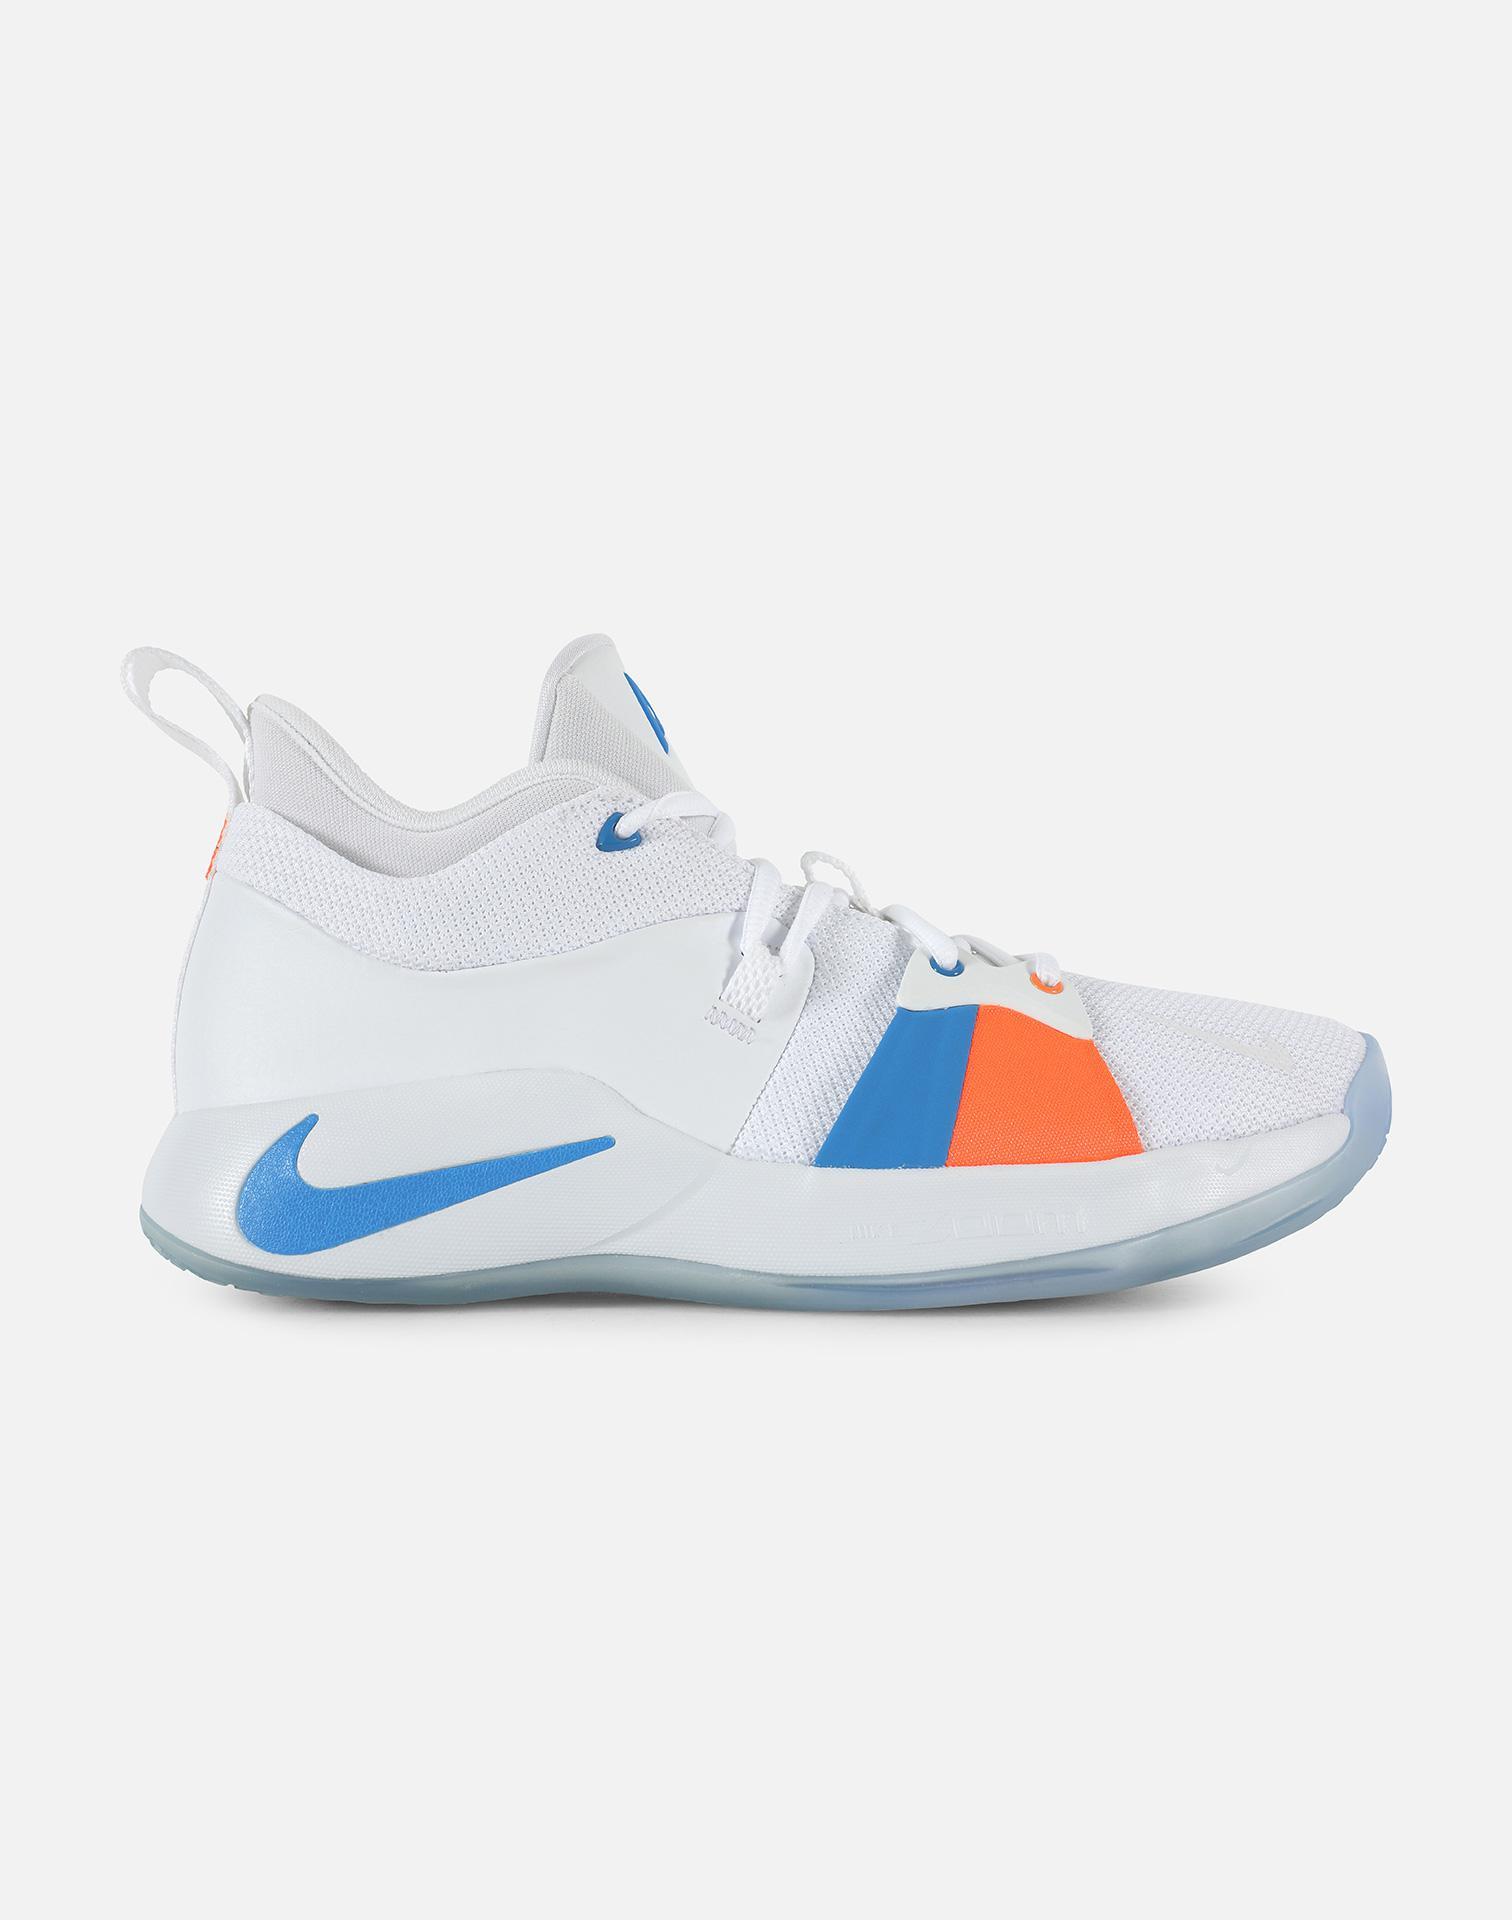 Lyst - Nike Pg 2 in White for Men e0ff1b271